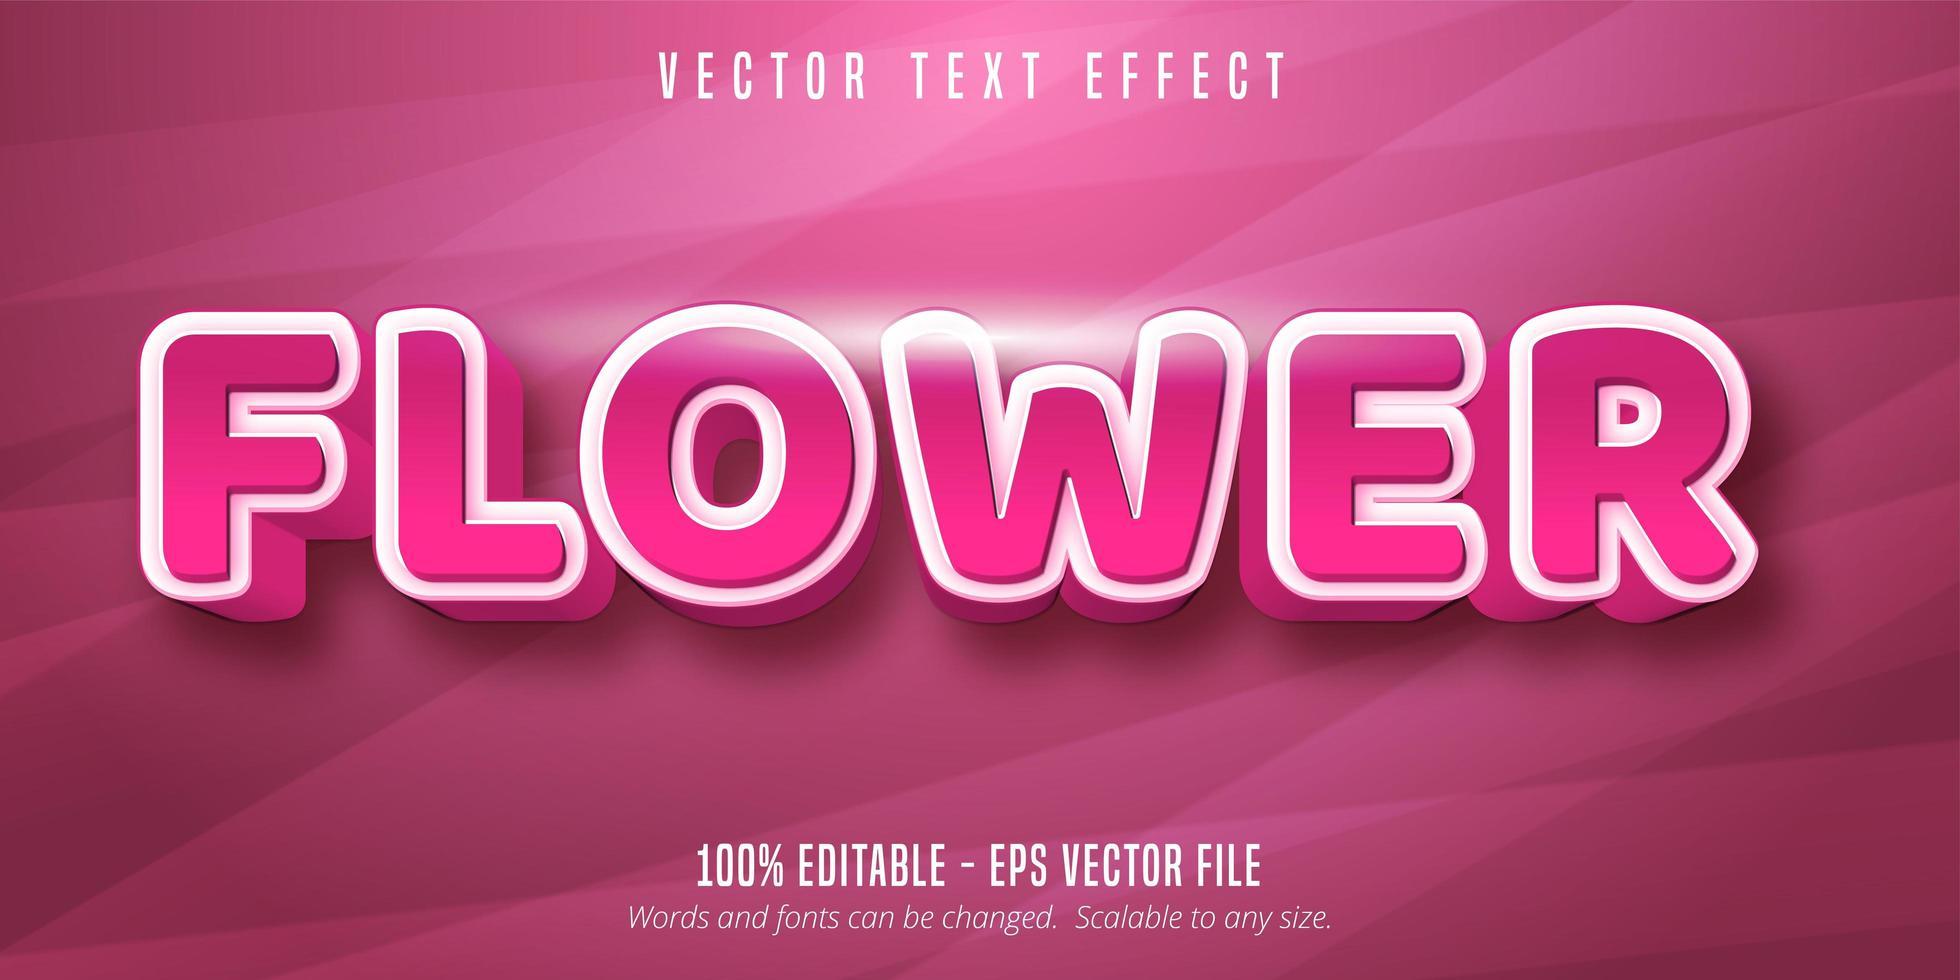 effetto di testo modificabile di colore rosa fiore vettore